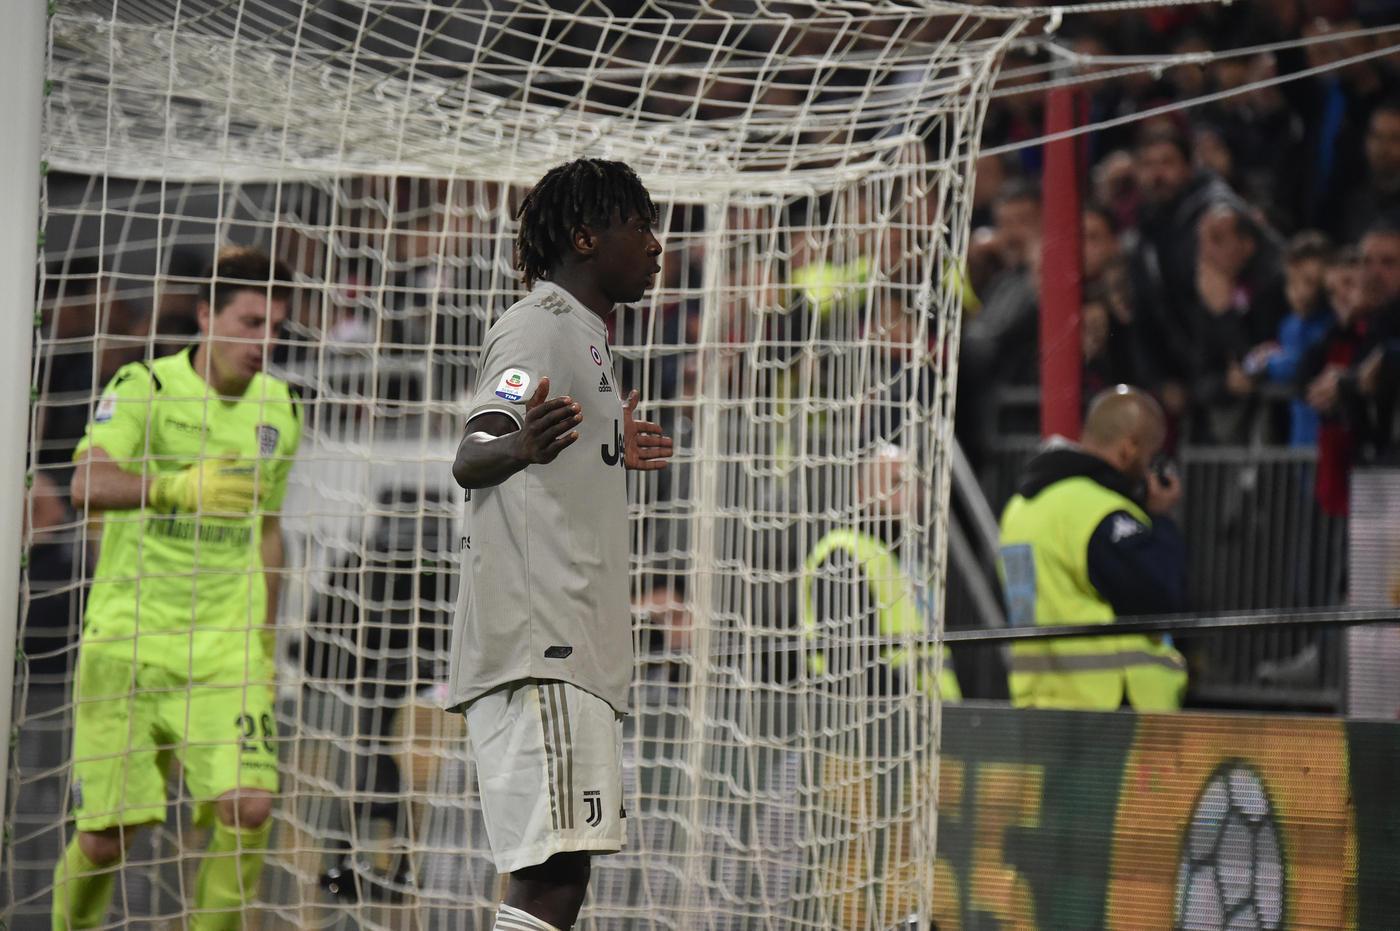 L'attaccante della Juve segna e festeggia davanti alla curva del Cagliari. Che reagisce nel peggiore dei modi...